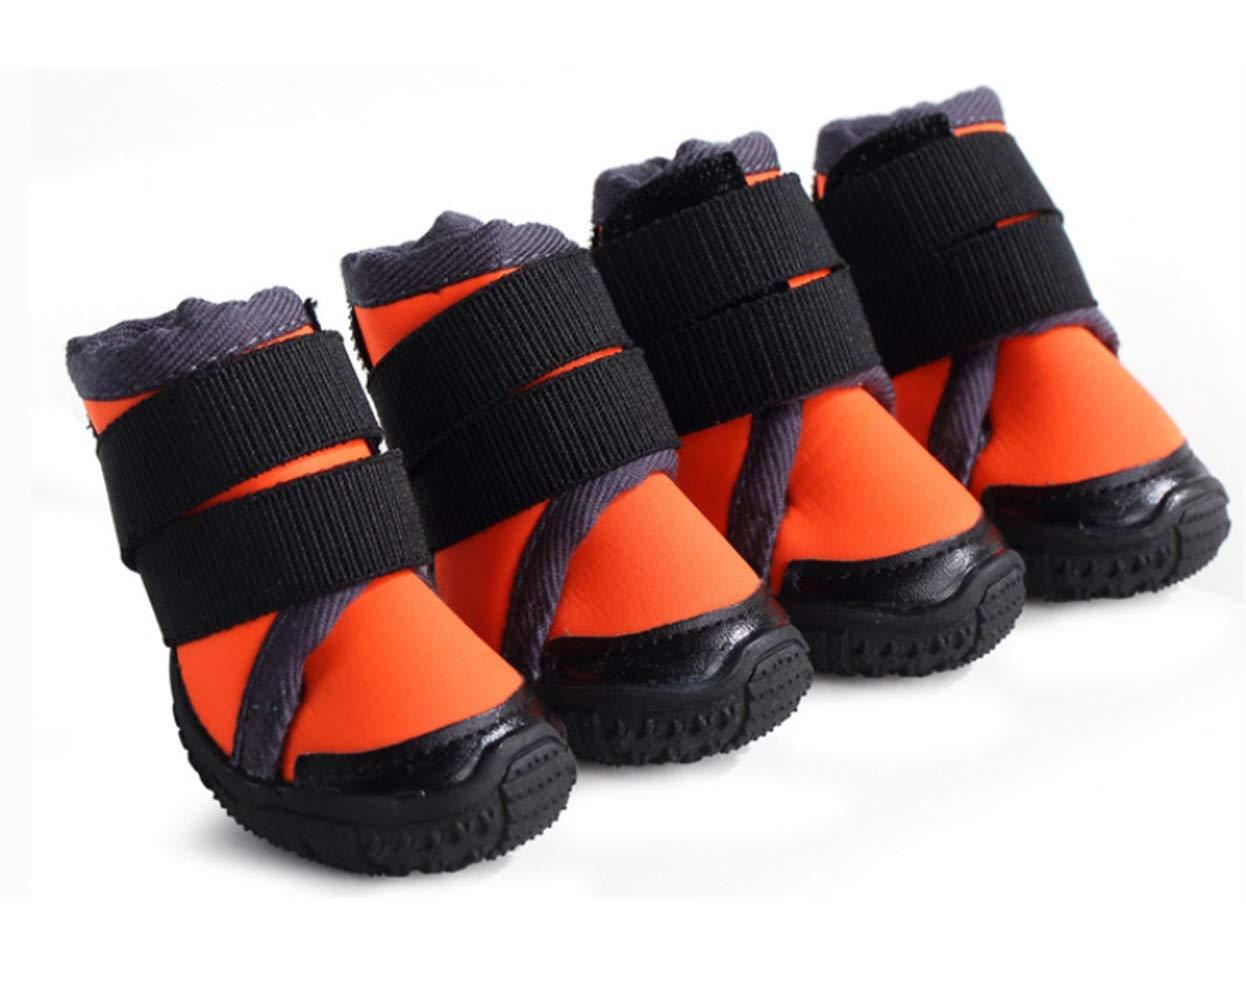 orange NO.60 orange NO.60 Dog shoes Puppy Sport shoes TPR Sole Pet shoes Good Skidproof Wear-Resistant Cat shoes